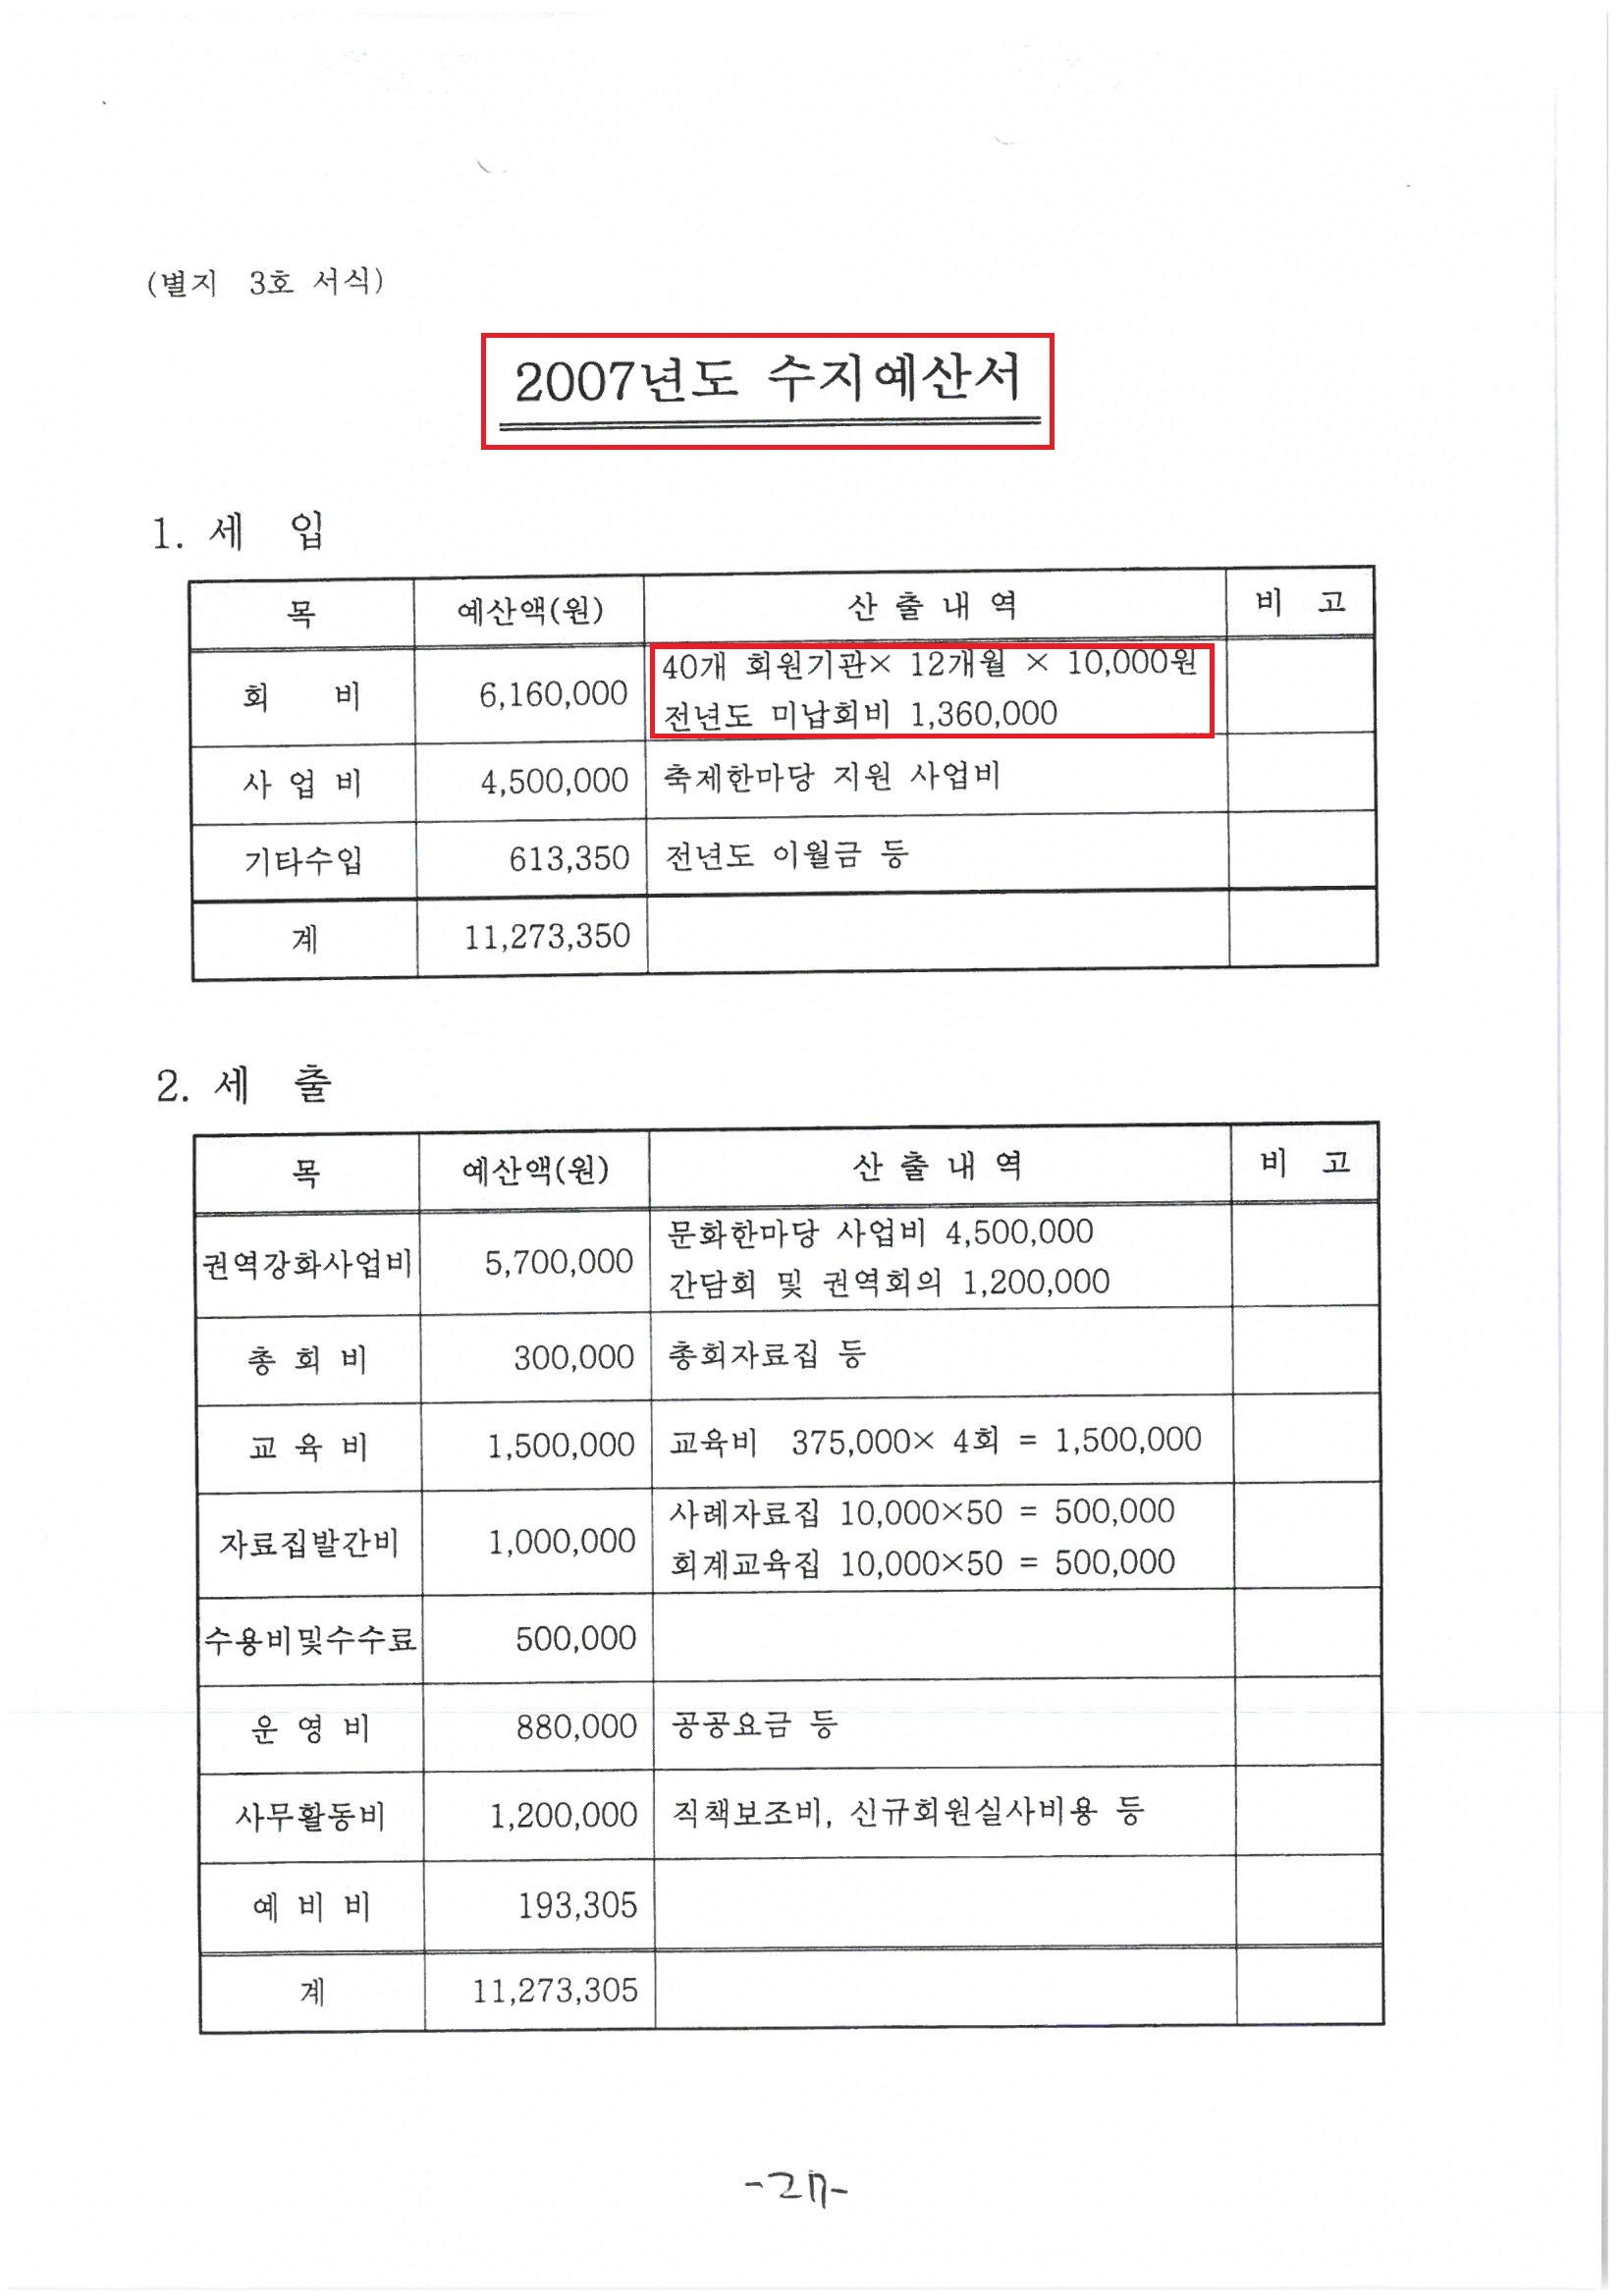 2007년 비영리민간단체등록 신청서_6(공개).jpg